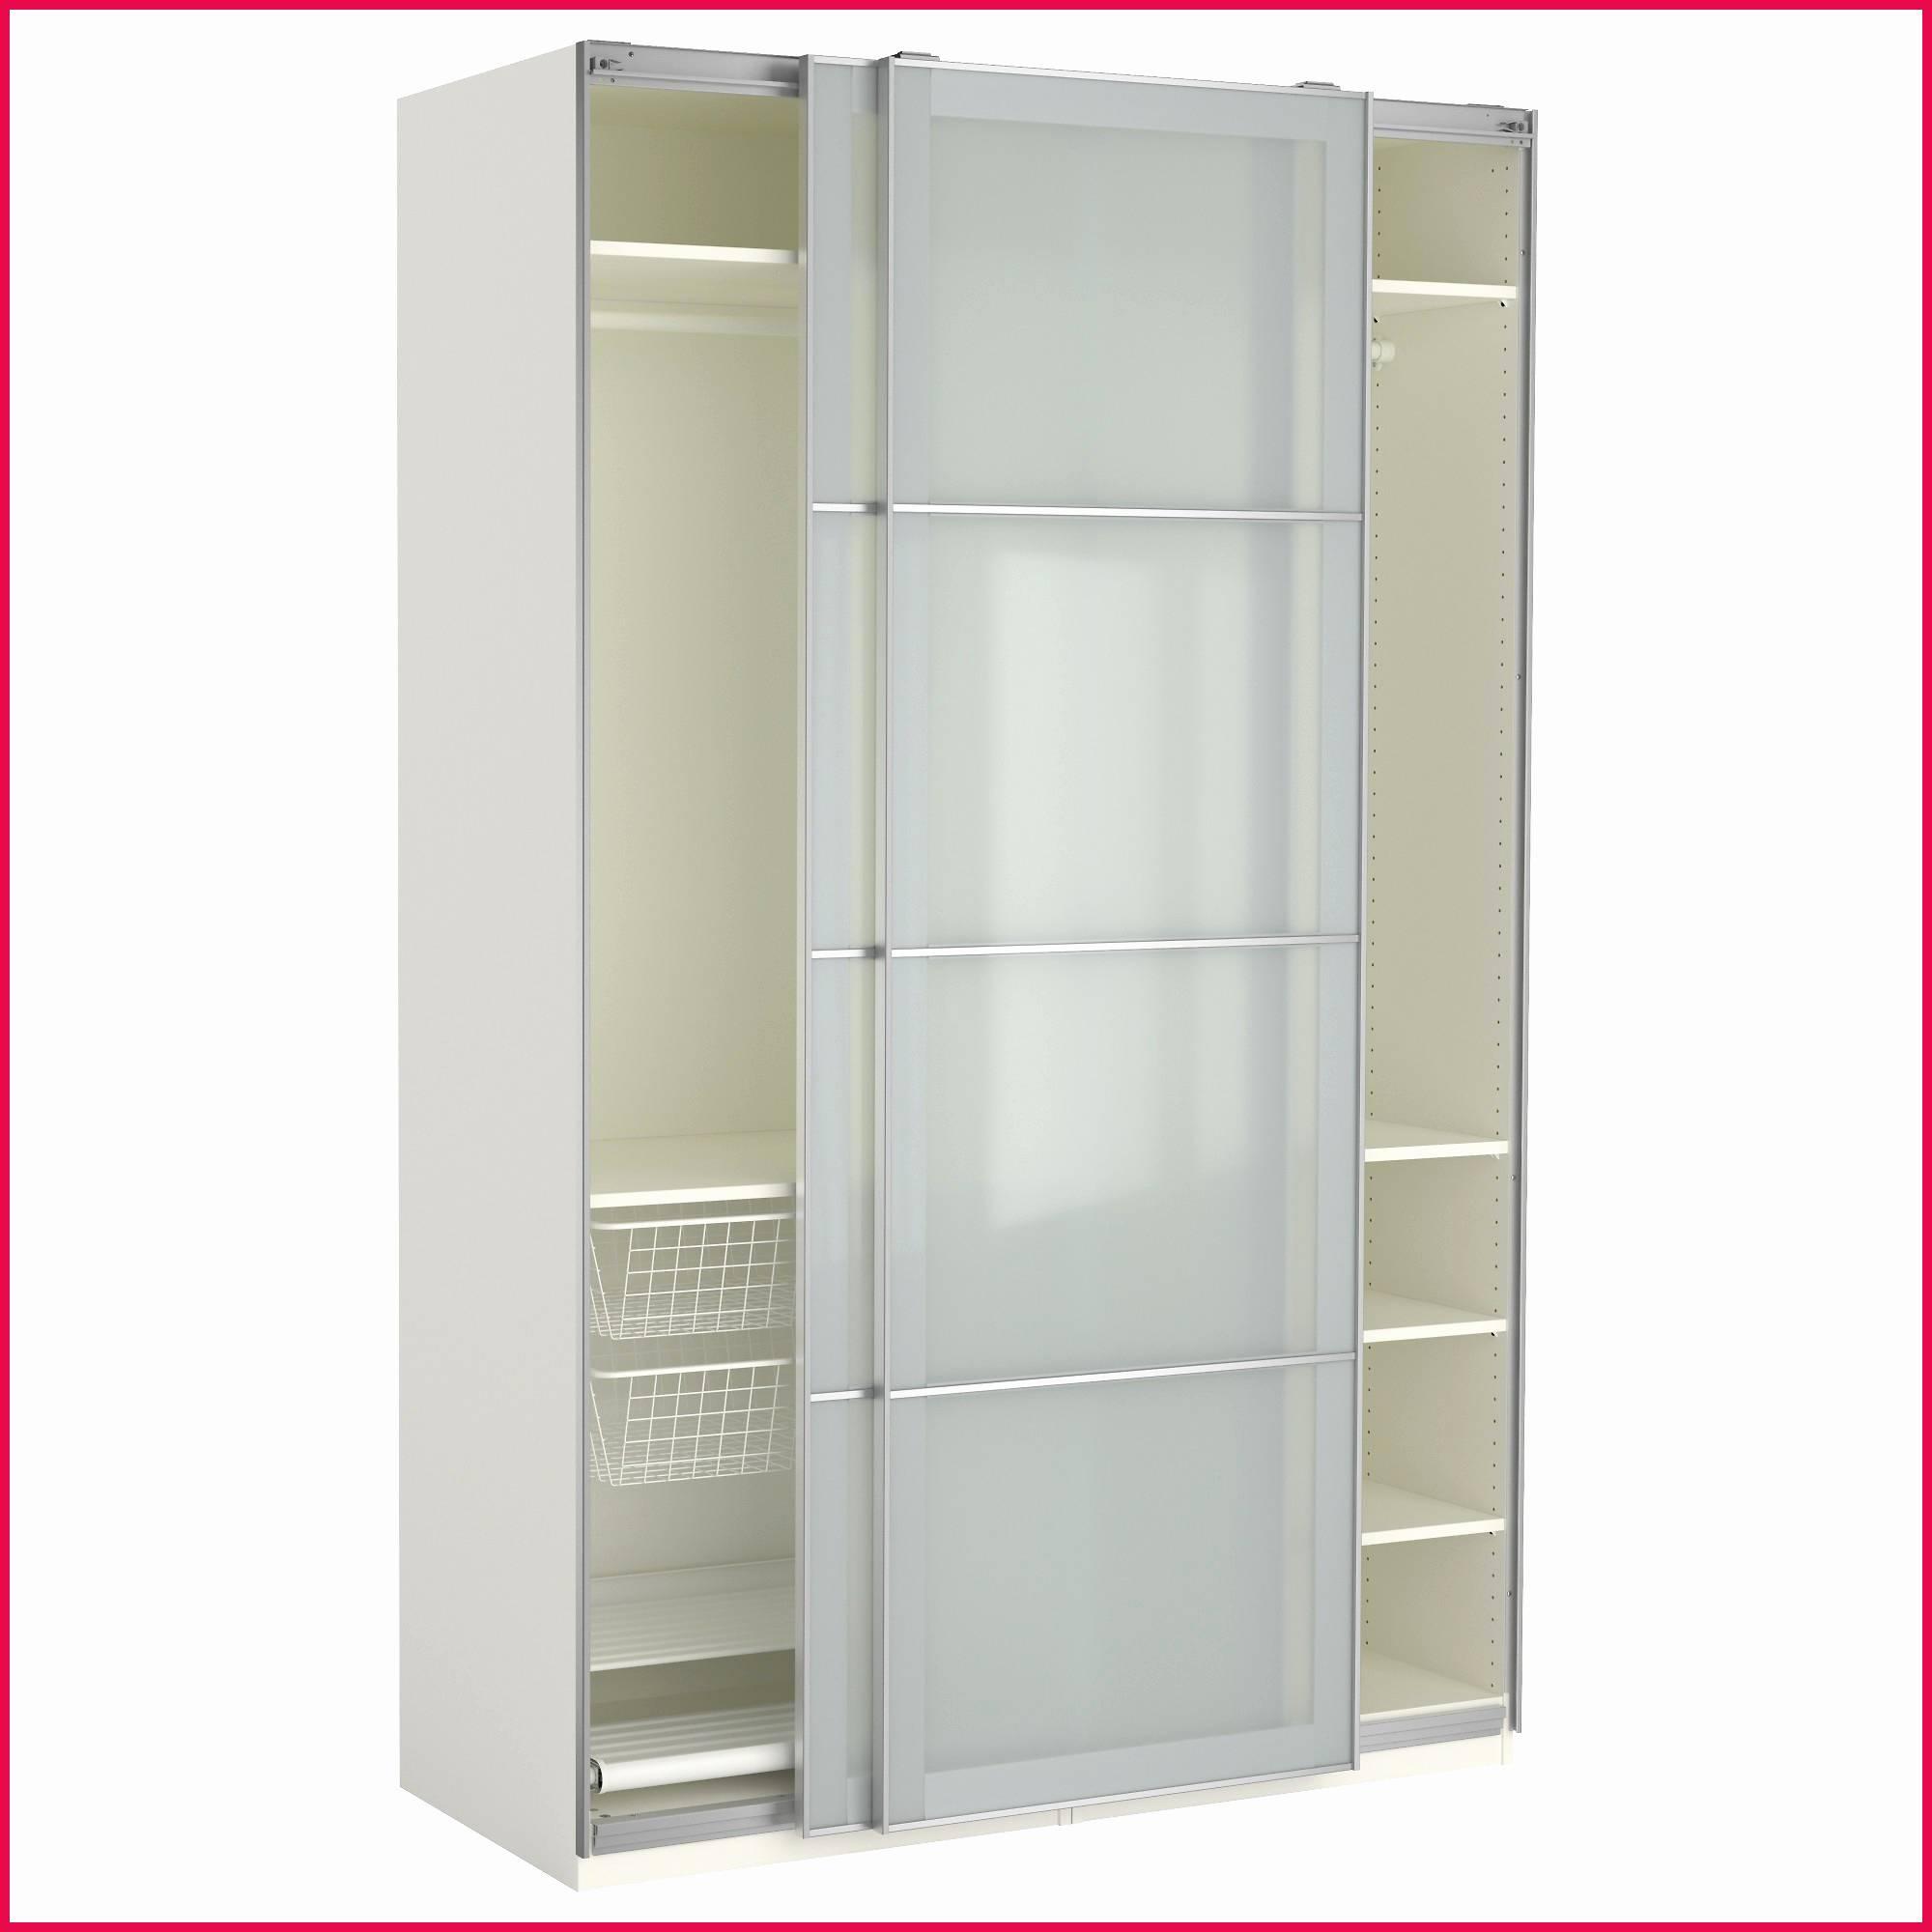 armoire profondeur 35 cm portes coulissantes